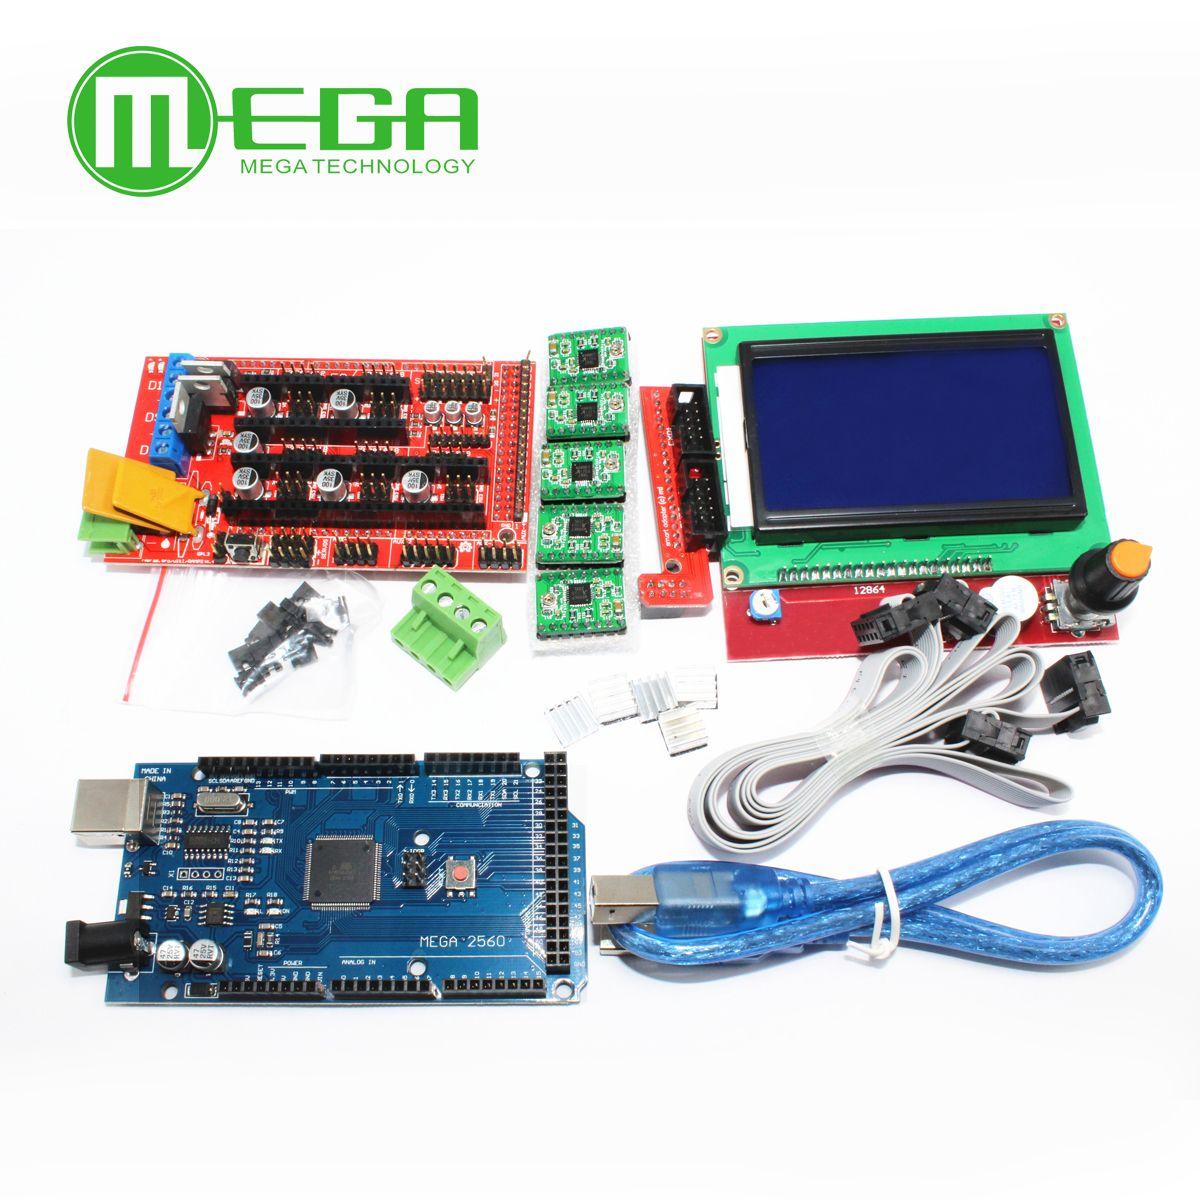 1 pcs Mega 2560 R3 CH340 + 1 pcs RAMPES 1.4 Contrôleur + 5 pcs A4988 Stepper Pilote Module + 1 pcs 12864 contrôleur pour 3D Imprimante kit